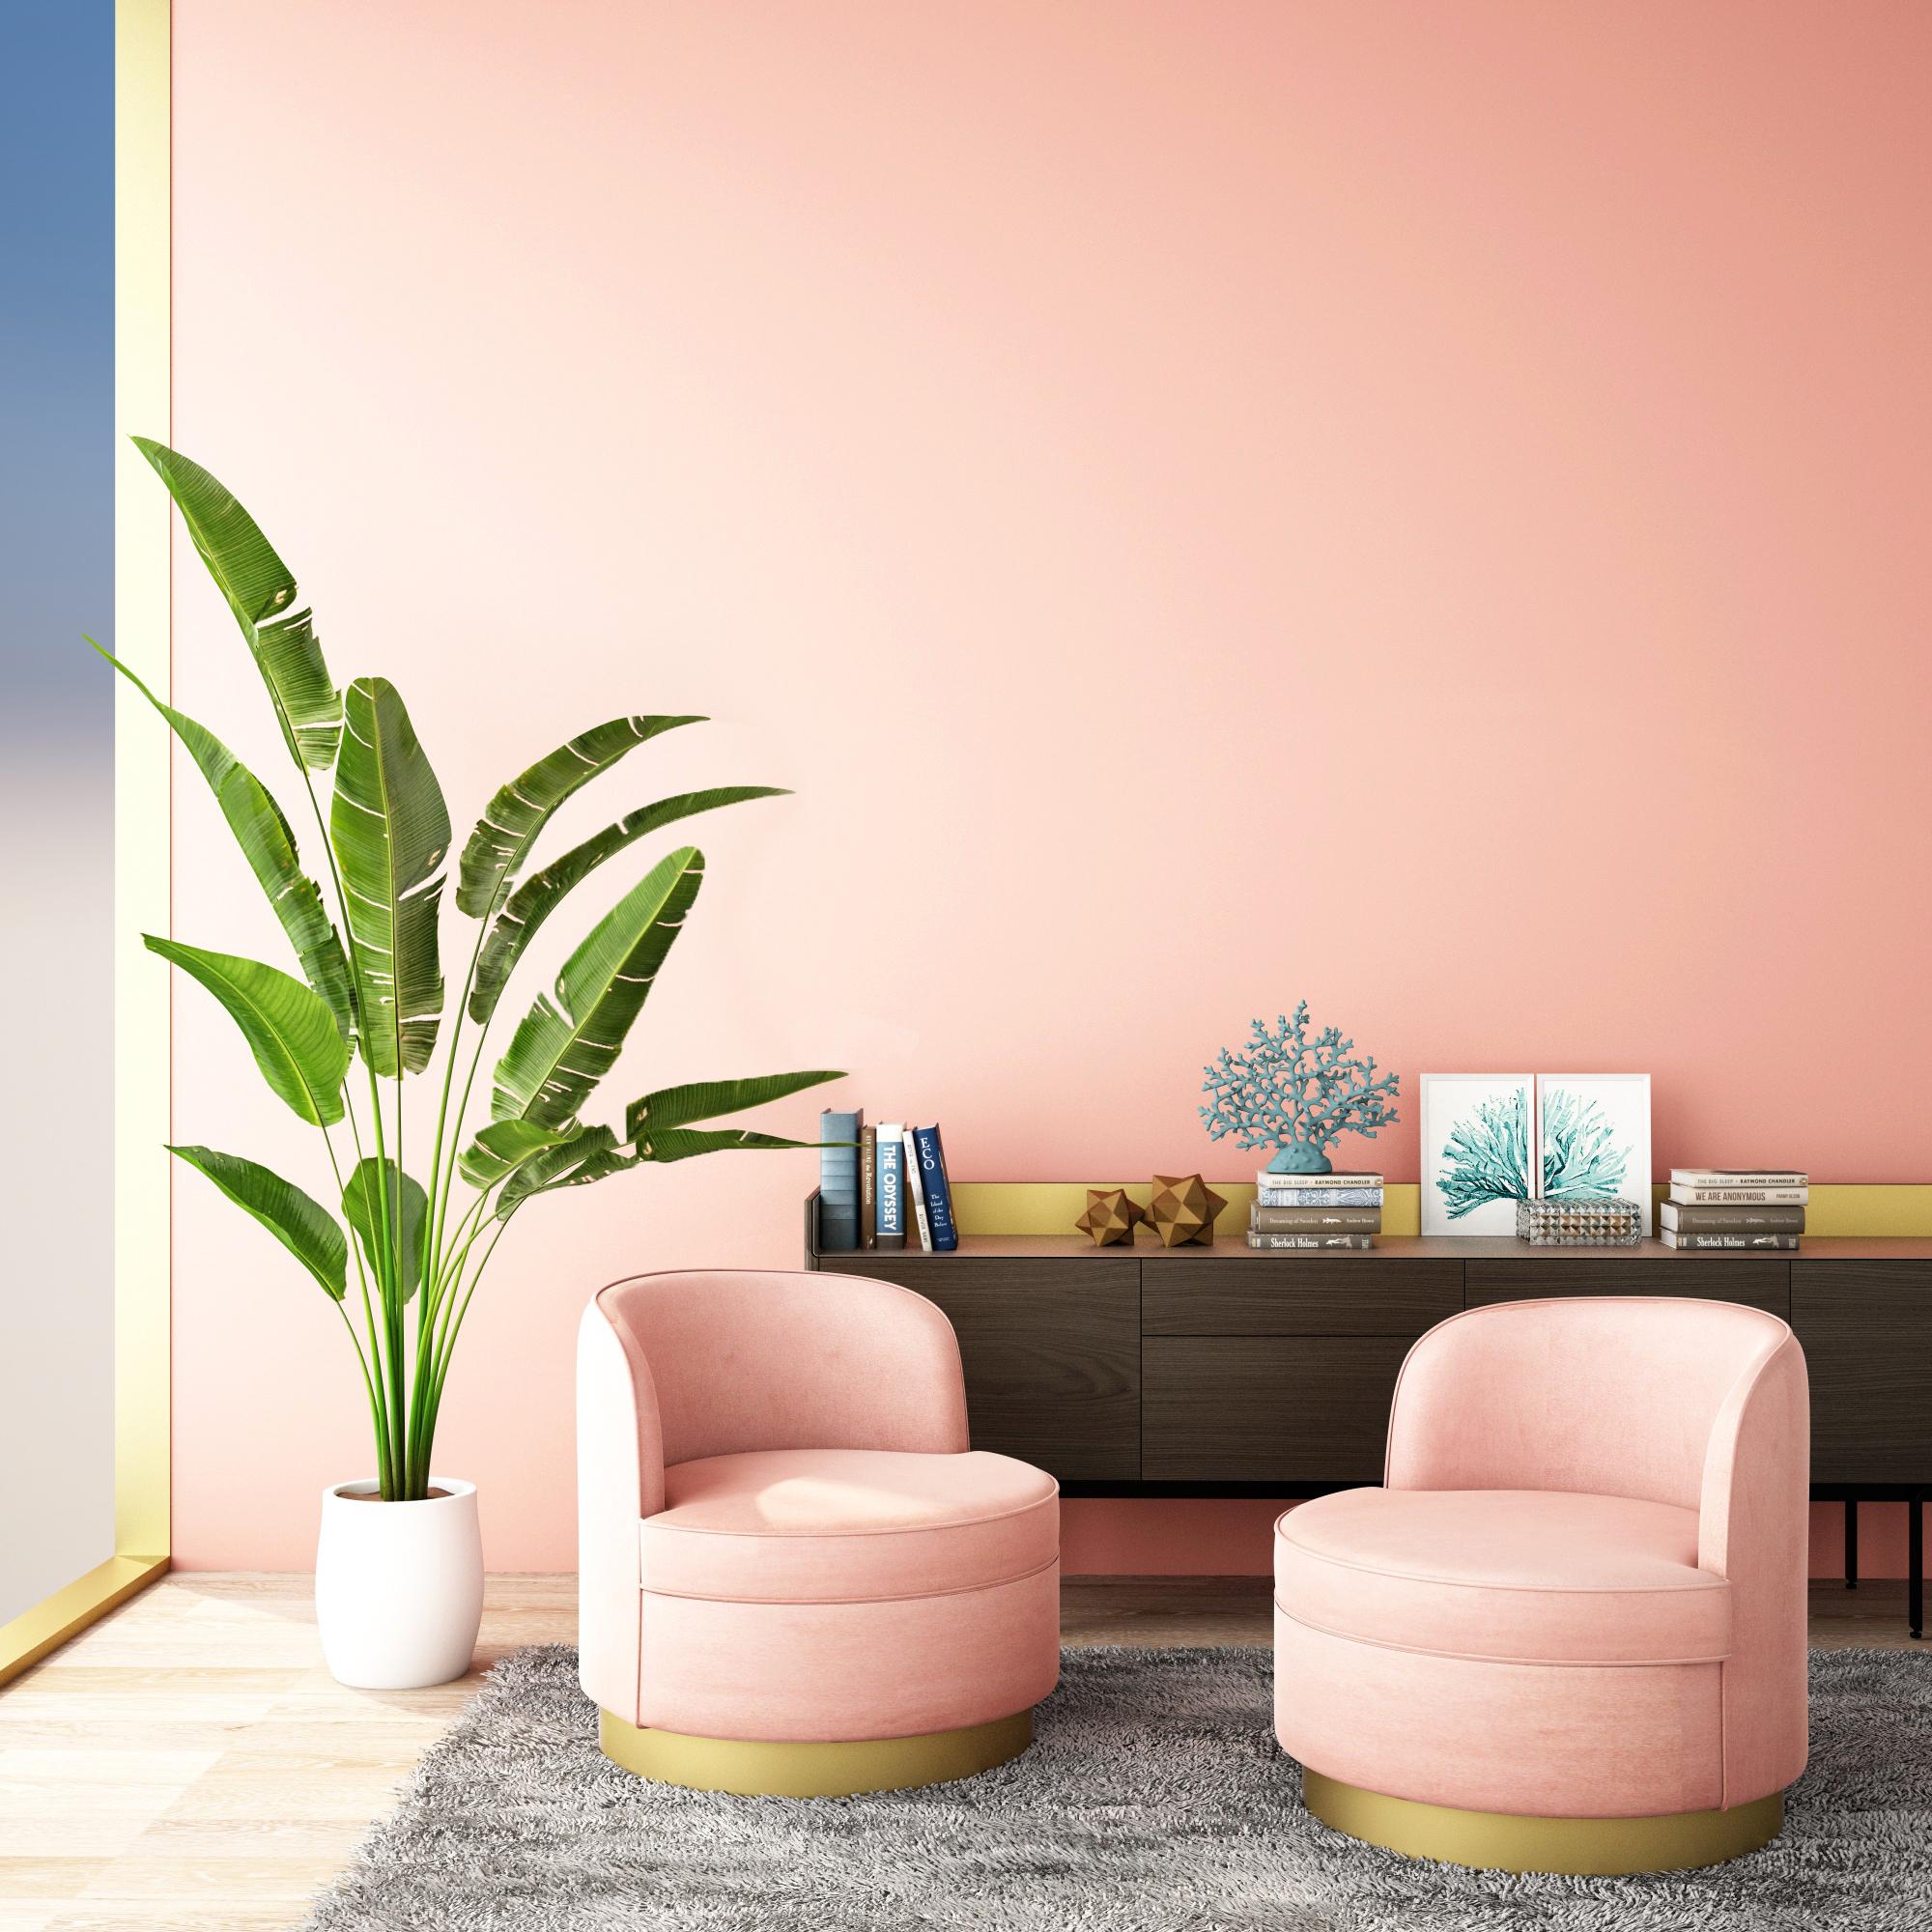 paint | interior paint | paint colors | paint trends | paint color trends | interior paint trends | color